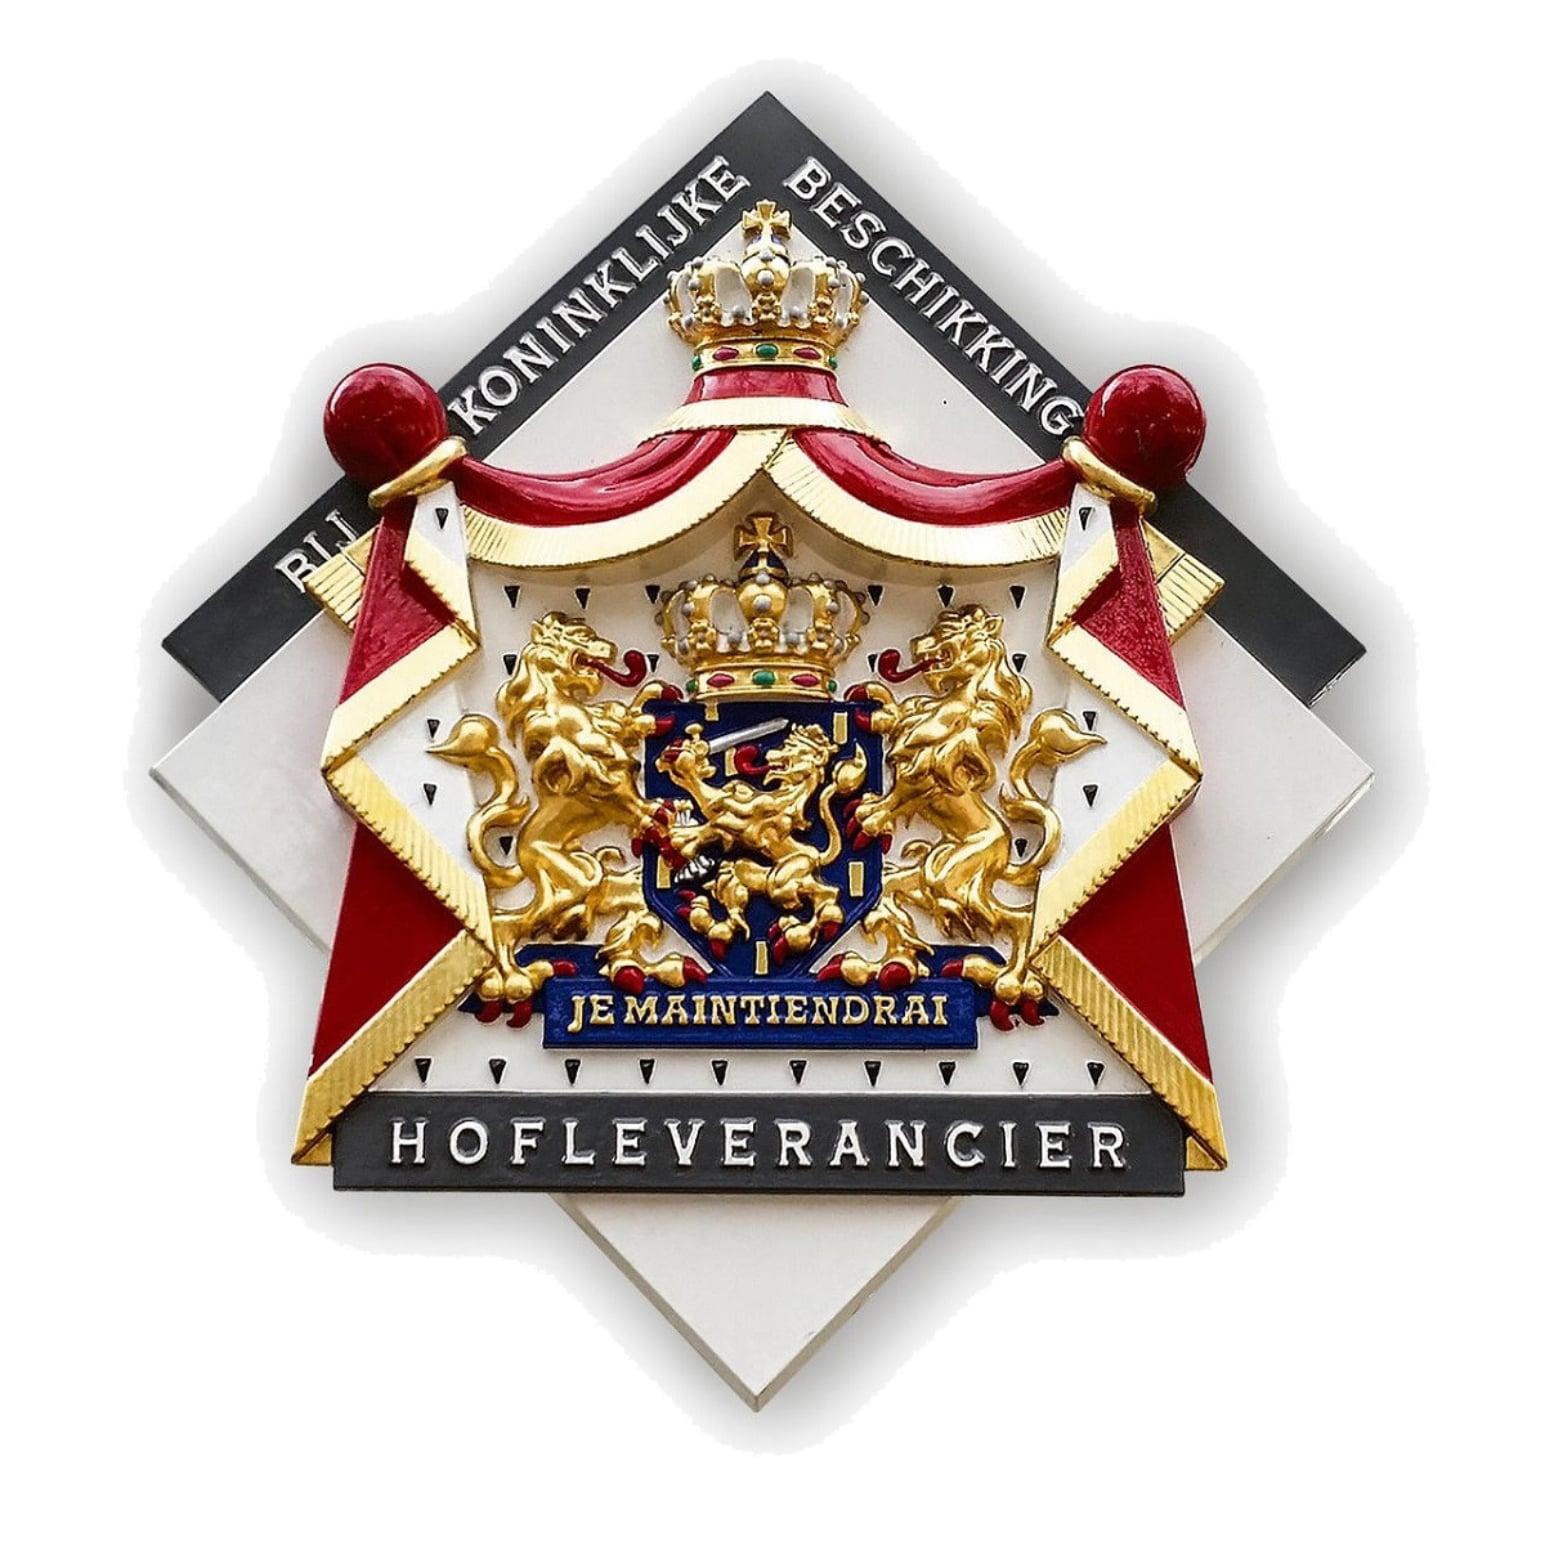 Ten Eekelder Hofleverancier1